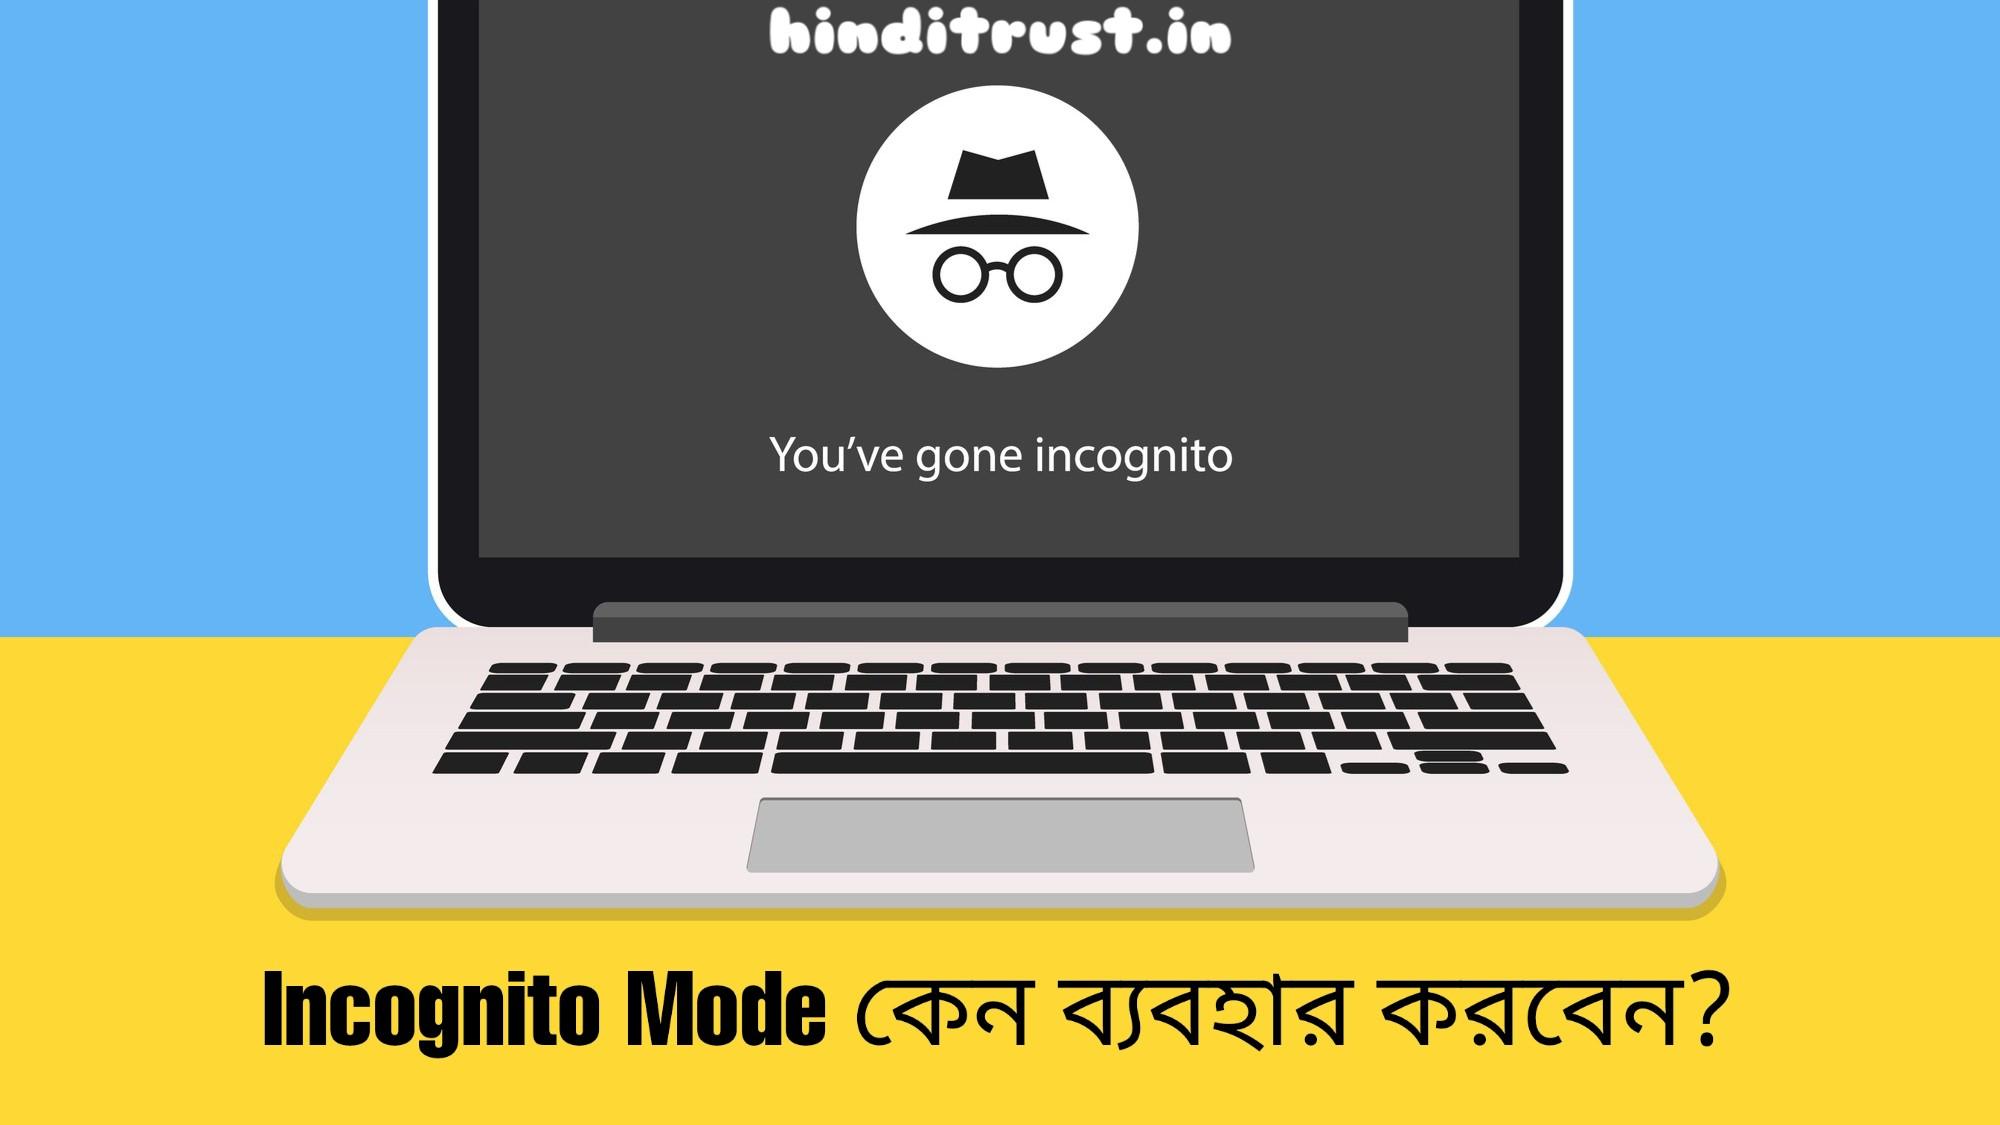 ইনকগনিটো মোড কি এবং কেন ব্যবহার করা হয় - Incognito Mode